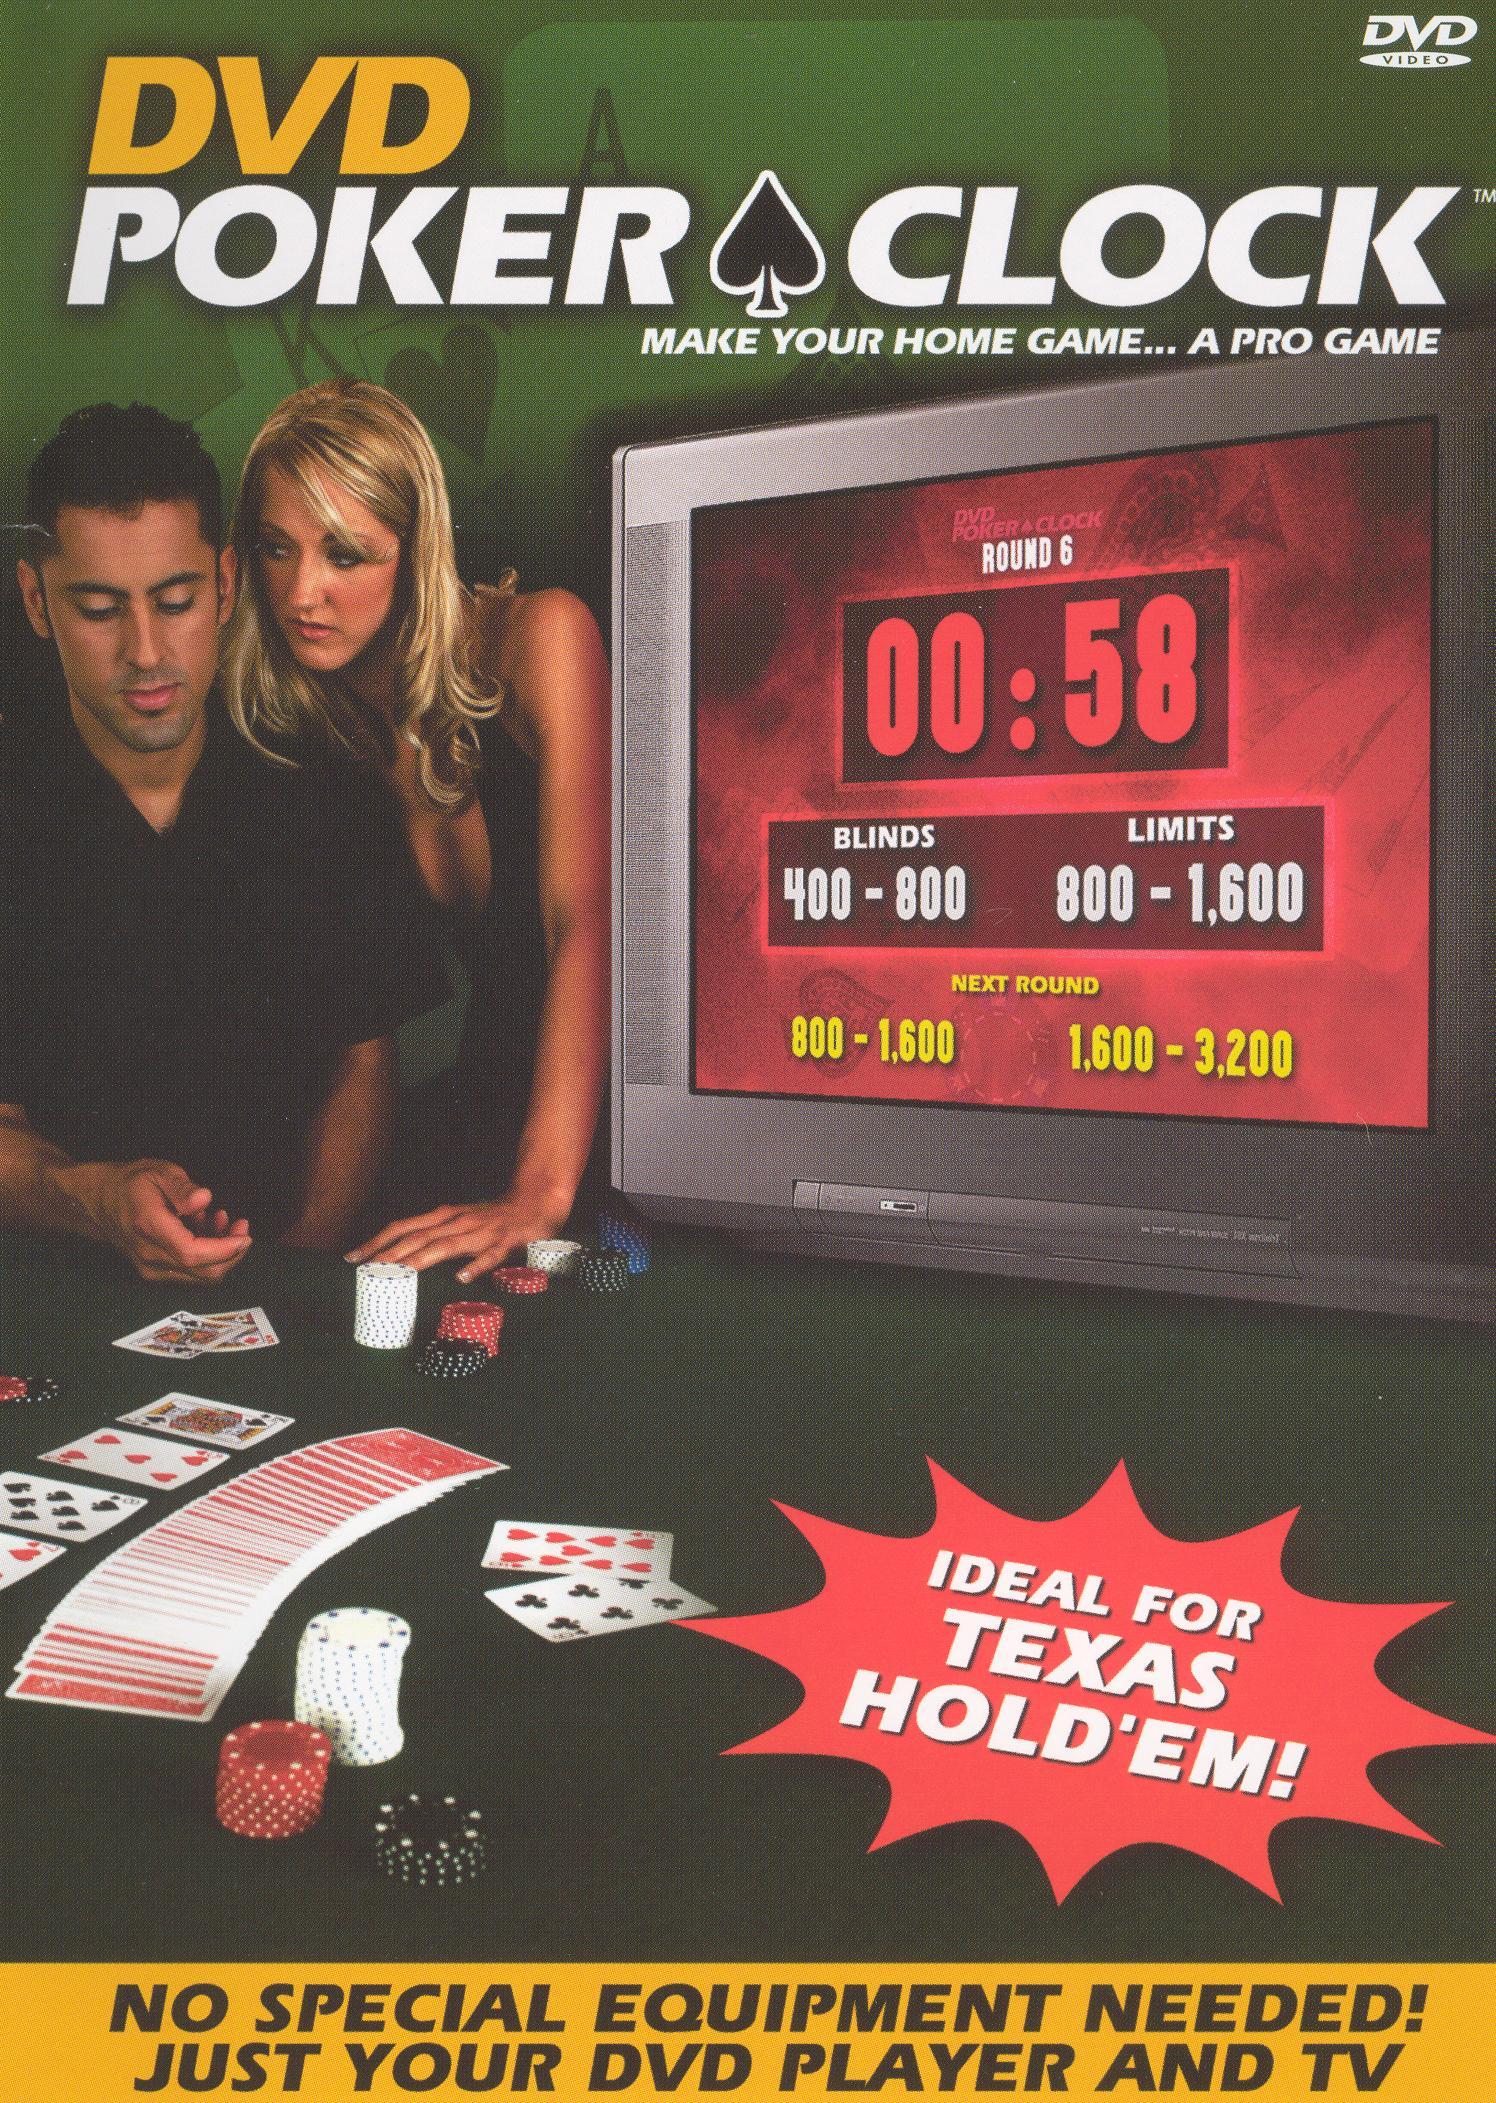 DVD Poker Clock